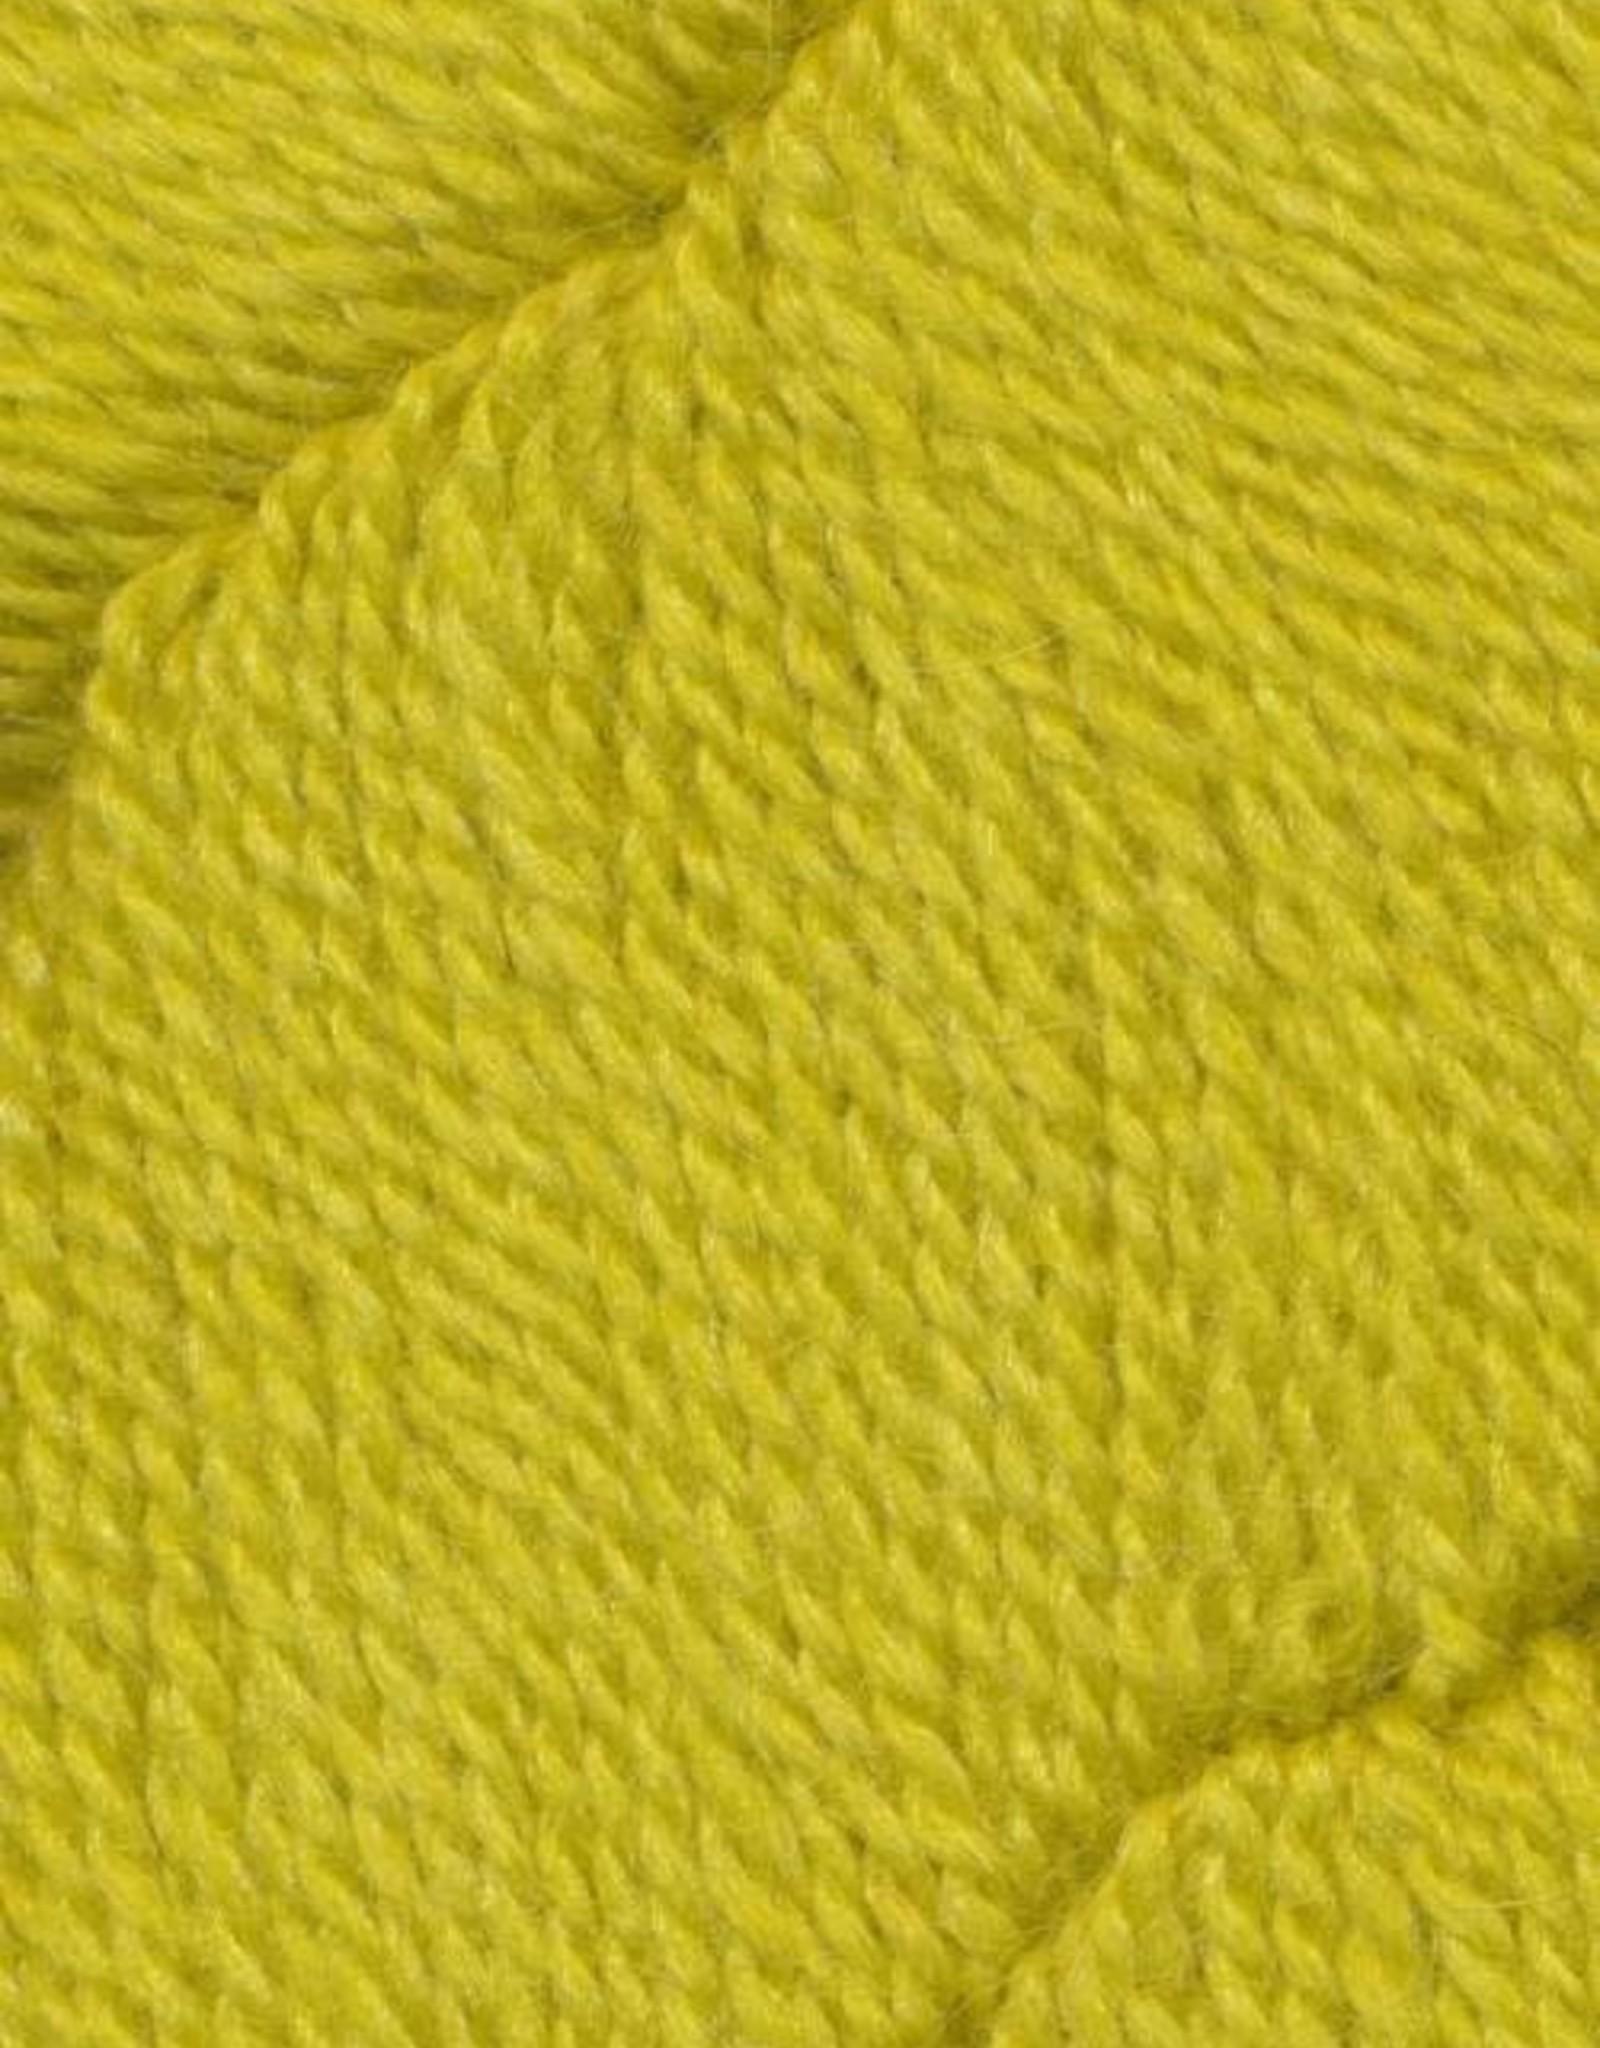 Sulka Legato 50g 32 seagrass